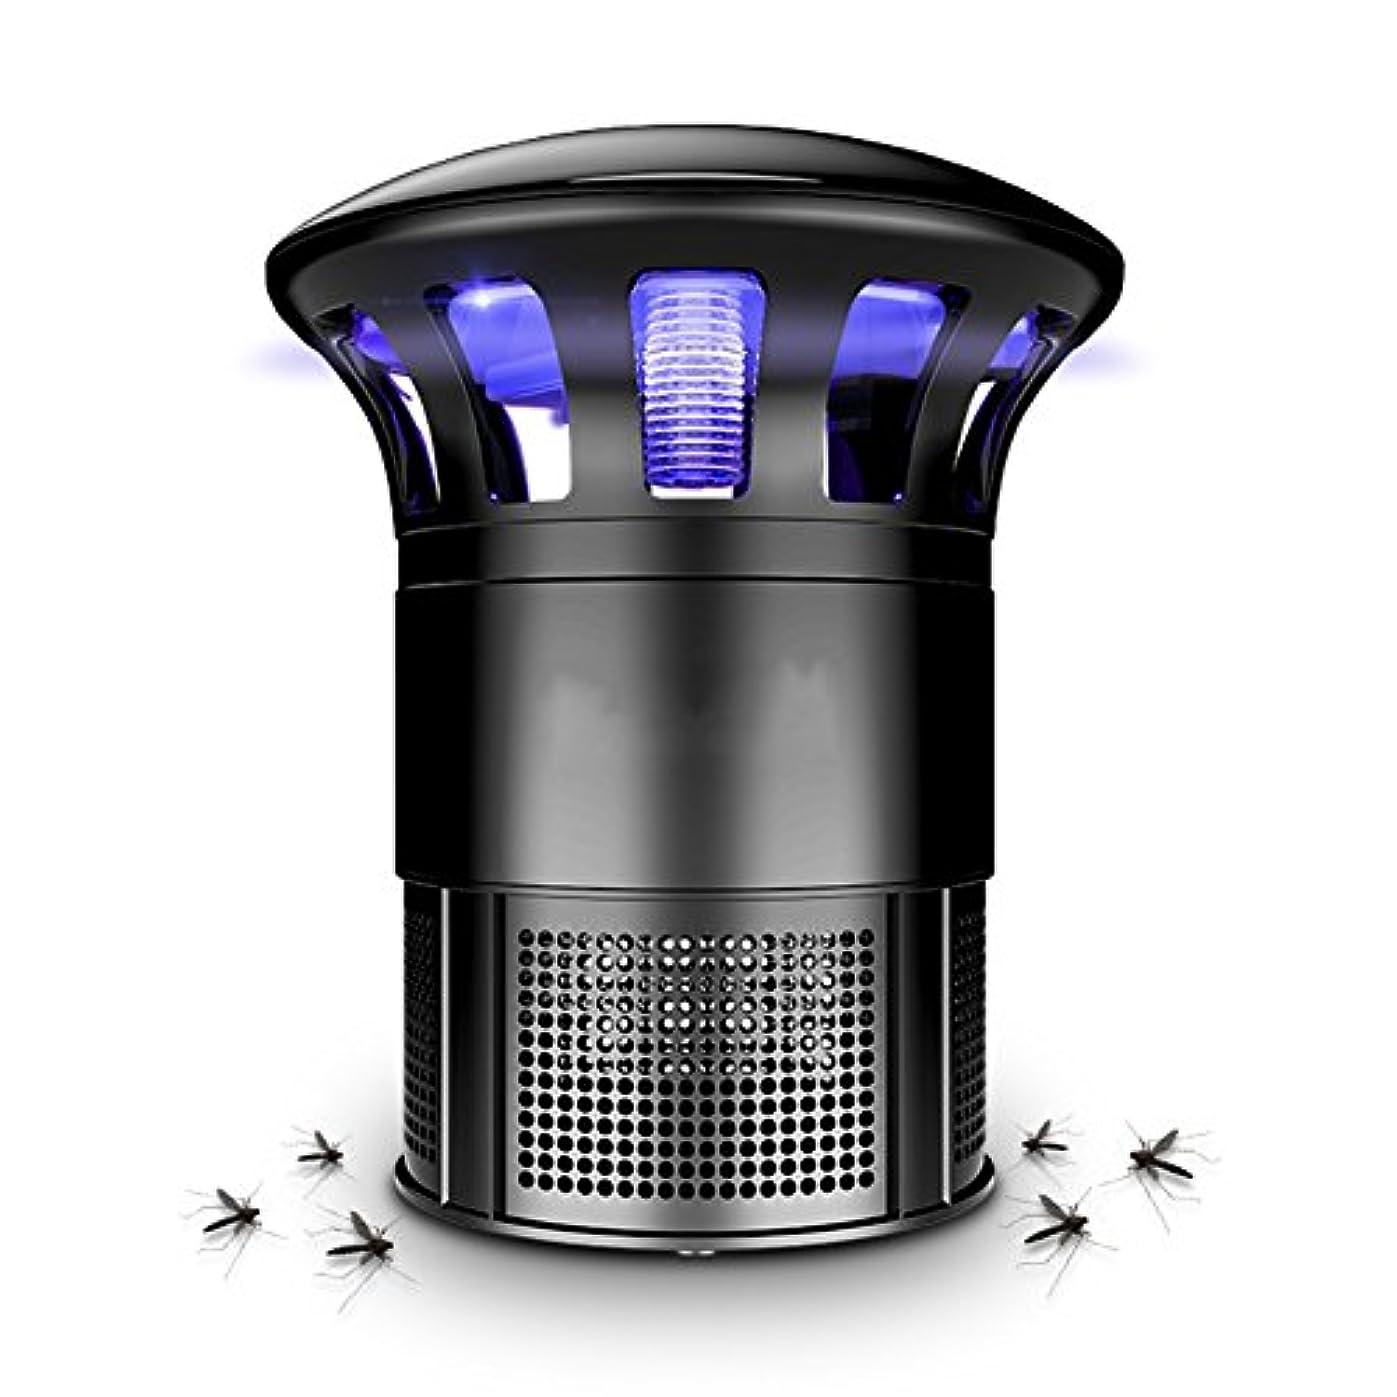 精査する説教する苦情文句LIXIONG 蚊ランプ 屋内 吸入タイプ ミュート LED光源 物理的 360度サラウンド 抗蚊、 黒、 14.5×22cm (色 : 黒)